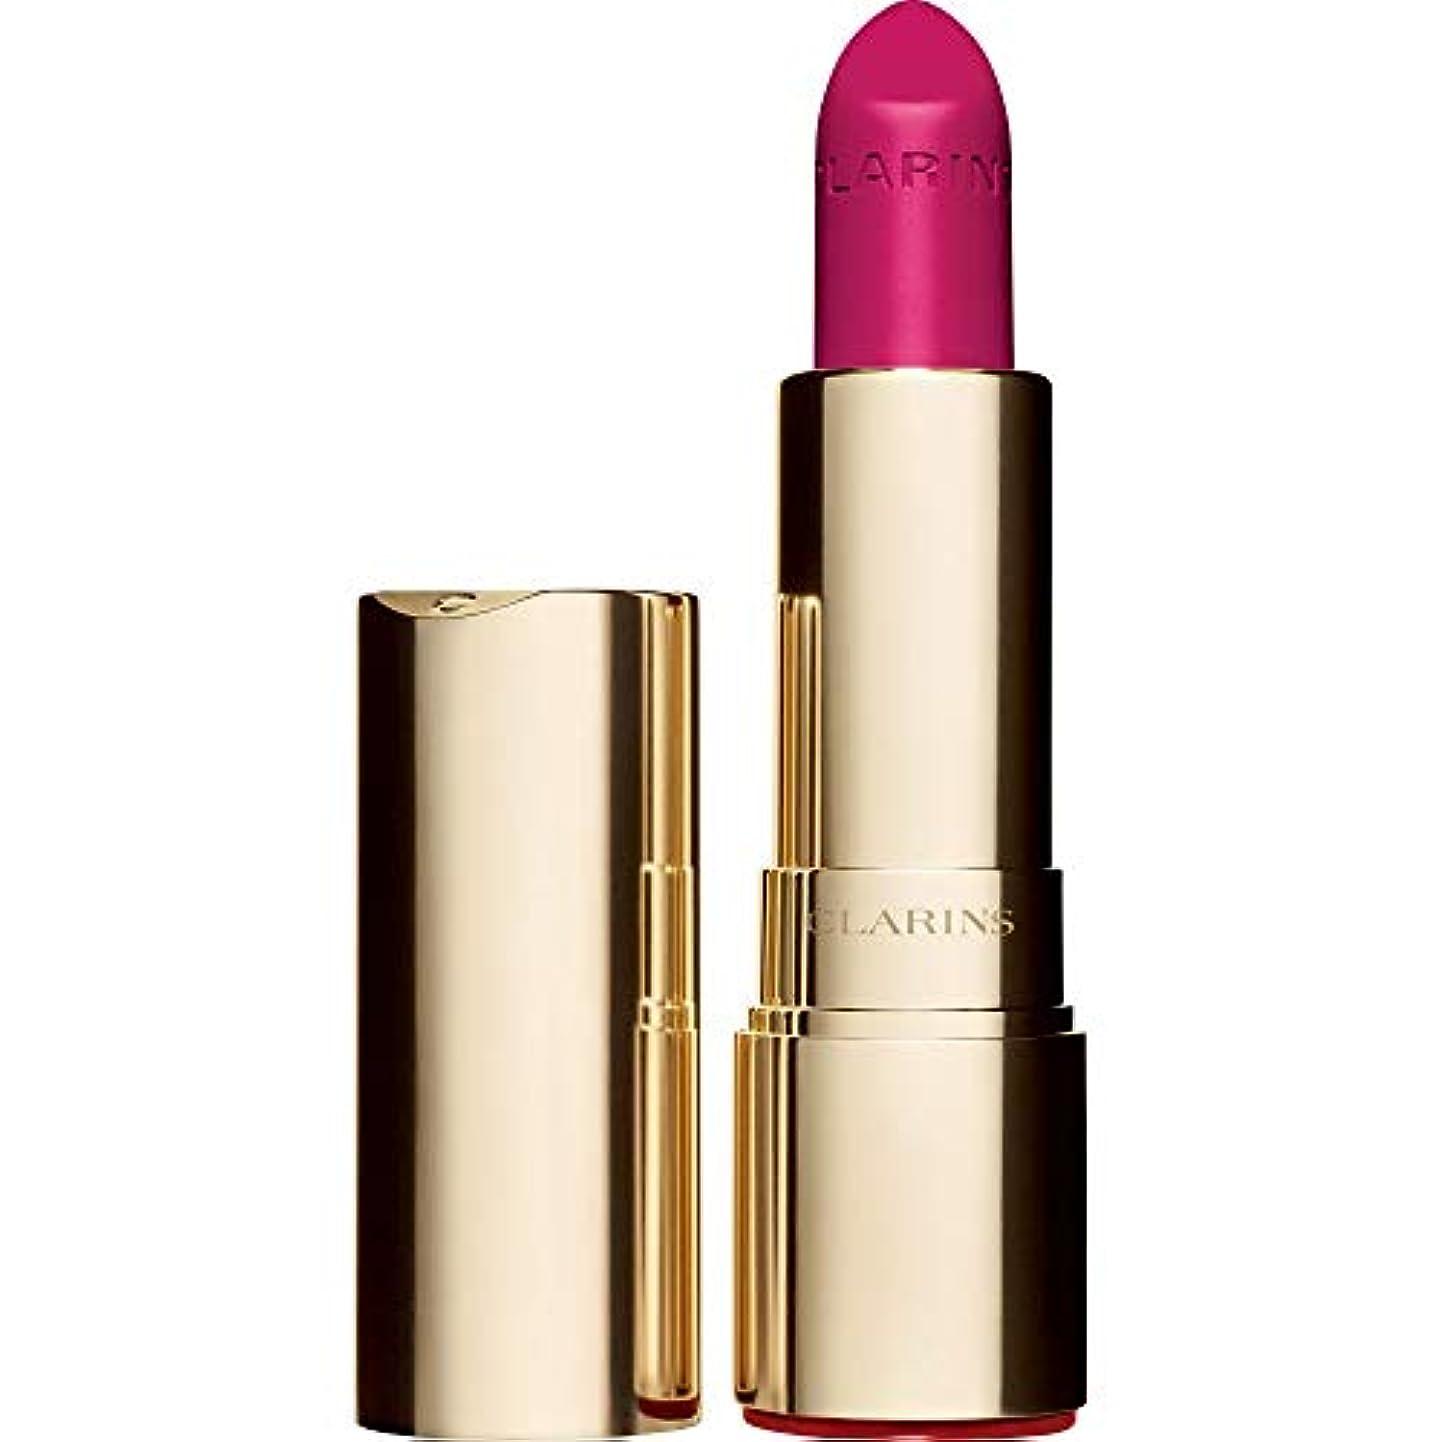 死エステート見えない[Clarins ] クラランスジョリルージュのベルベットの口紅3.5グラムの713V - ホットピンク - Clarins Joli Rouge Velvet Lipstick 3.5g 713V - Hot Pink...